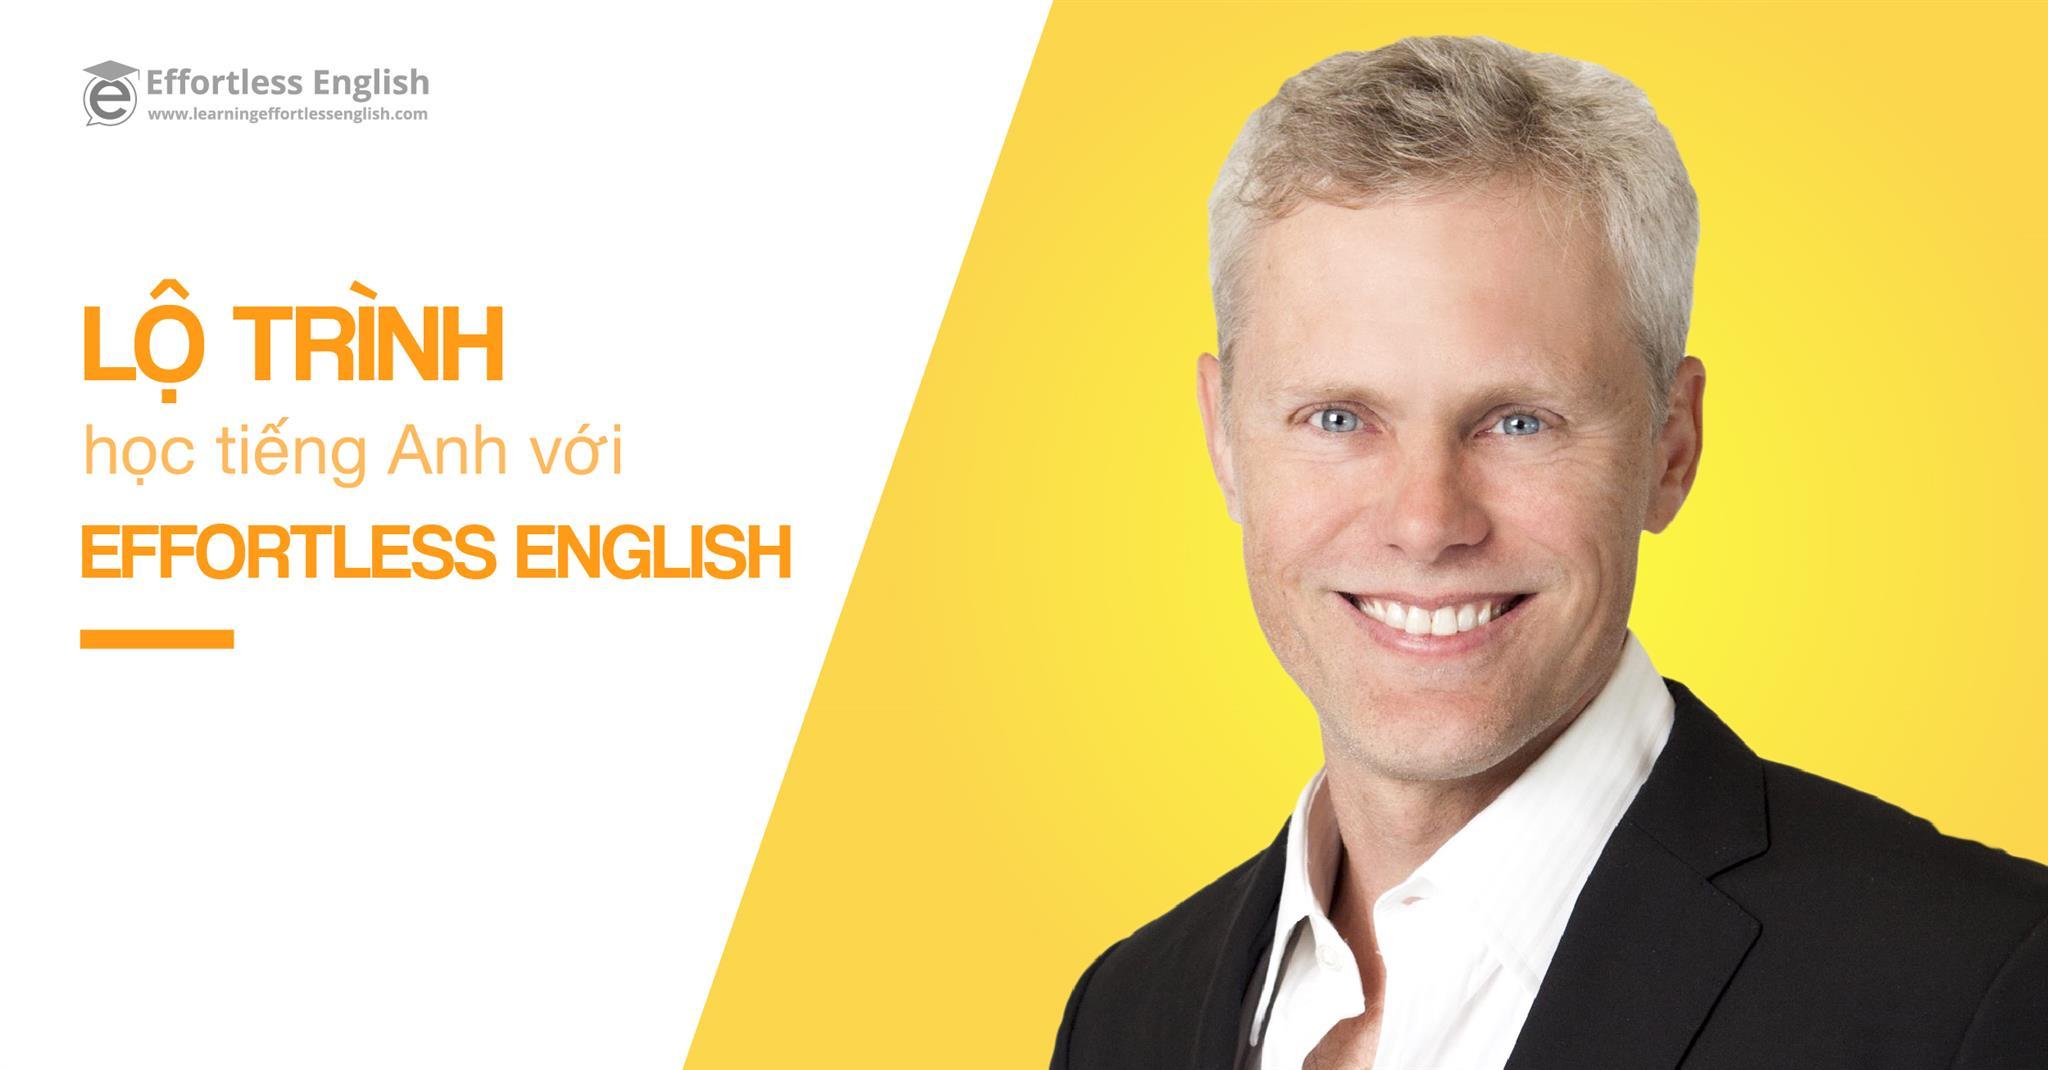 cách học effortless english